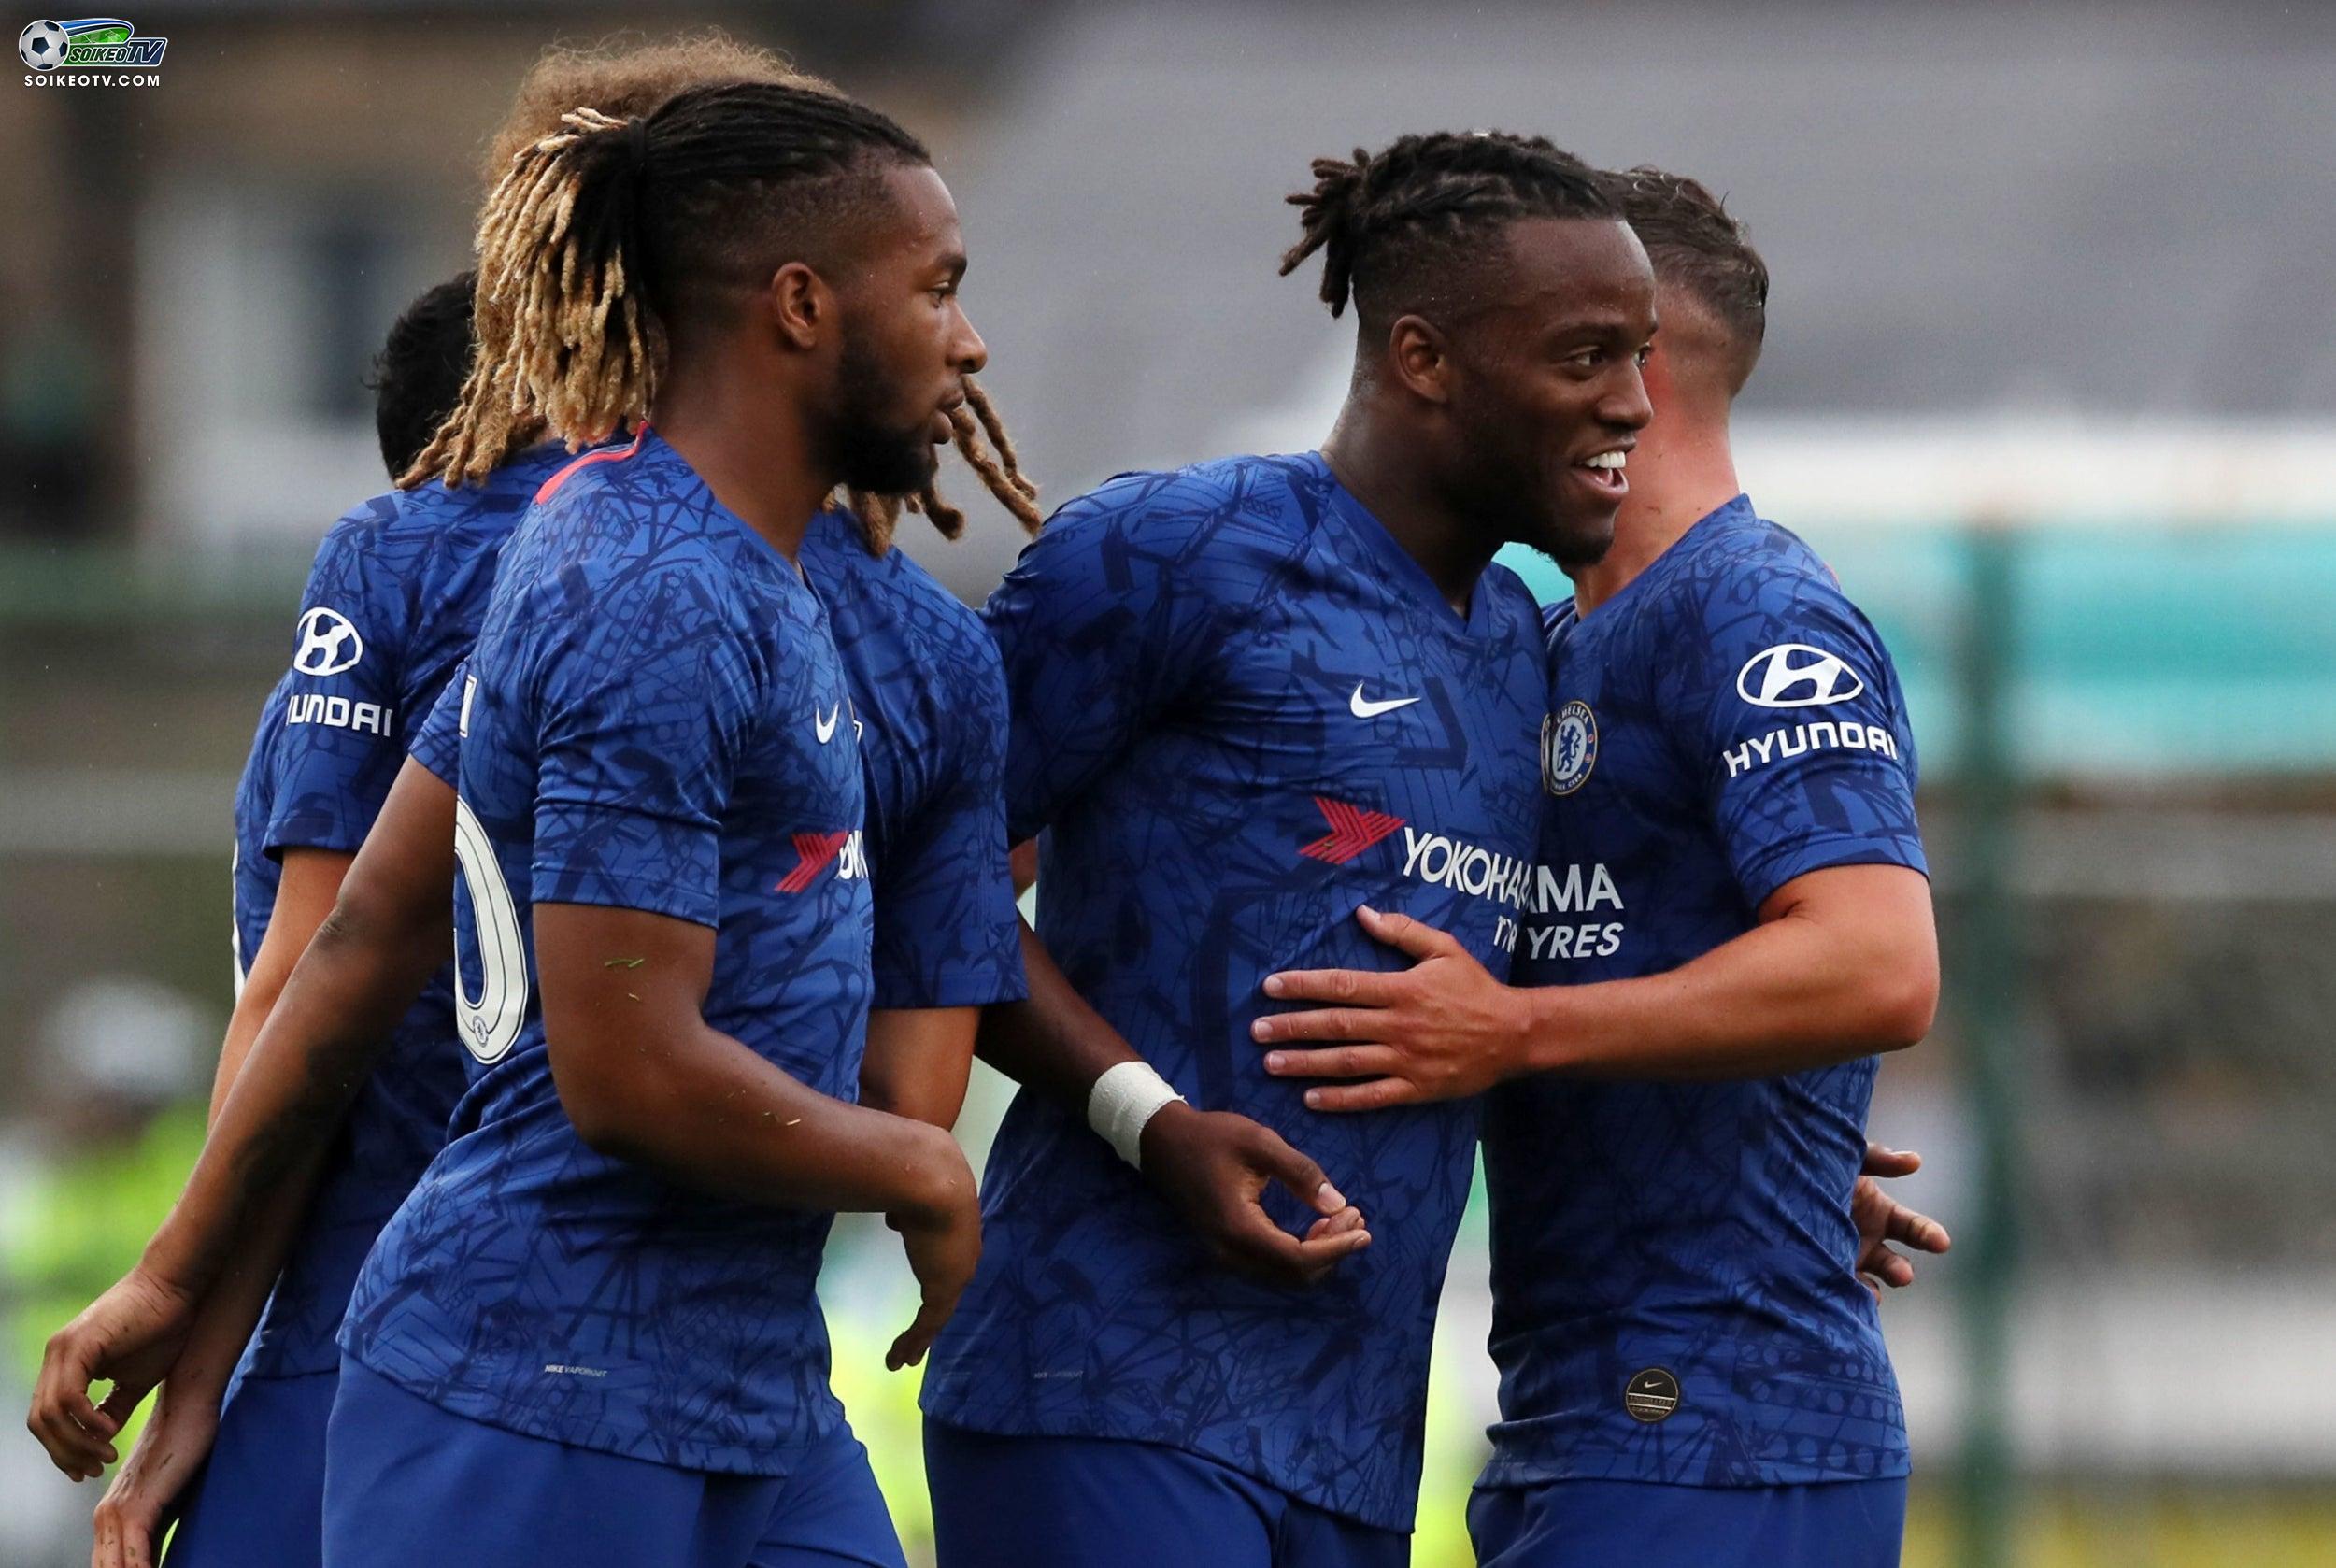 Soi-keo-Reading-vs-Chelsea